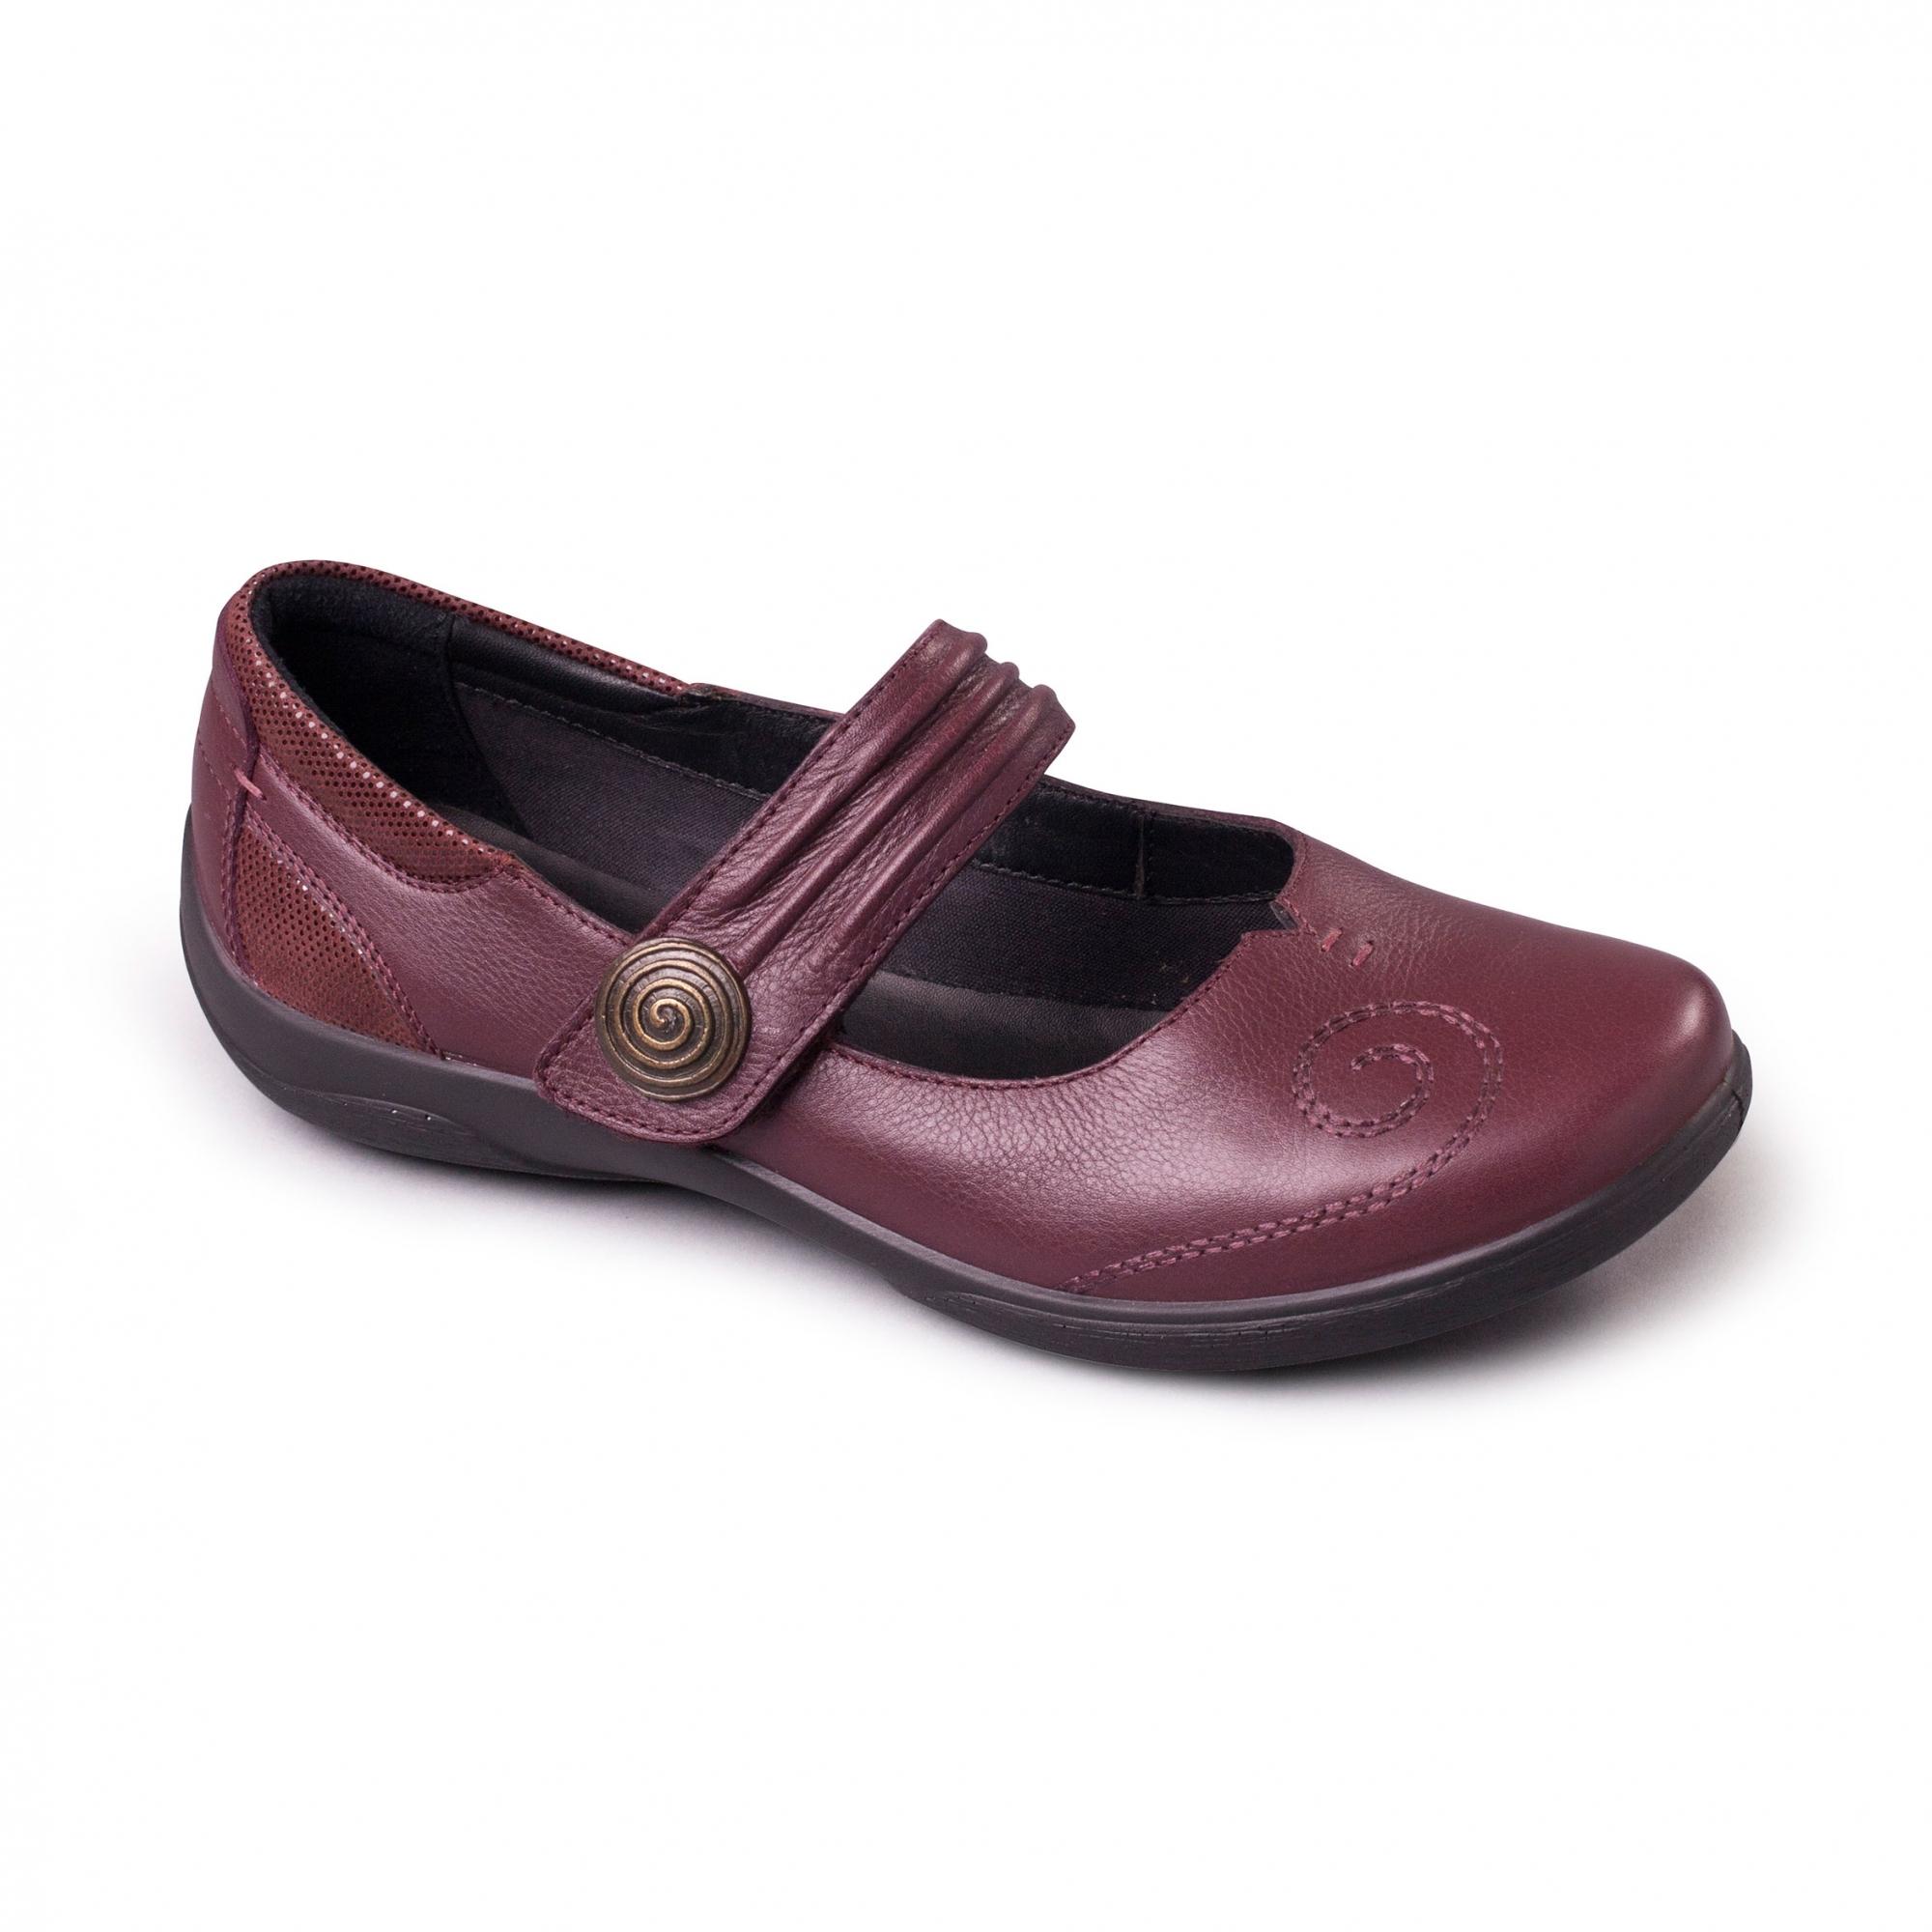 c586ca46 Padders POEM Womens Velcro EE/EEE Wide Shoes Burgundy|Buy At Shuperb